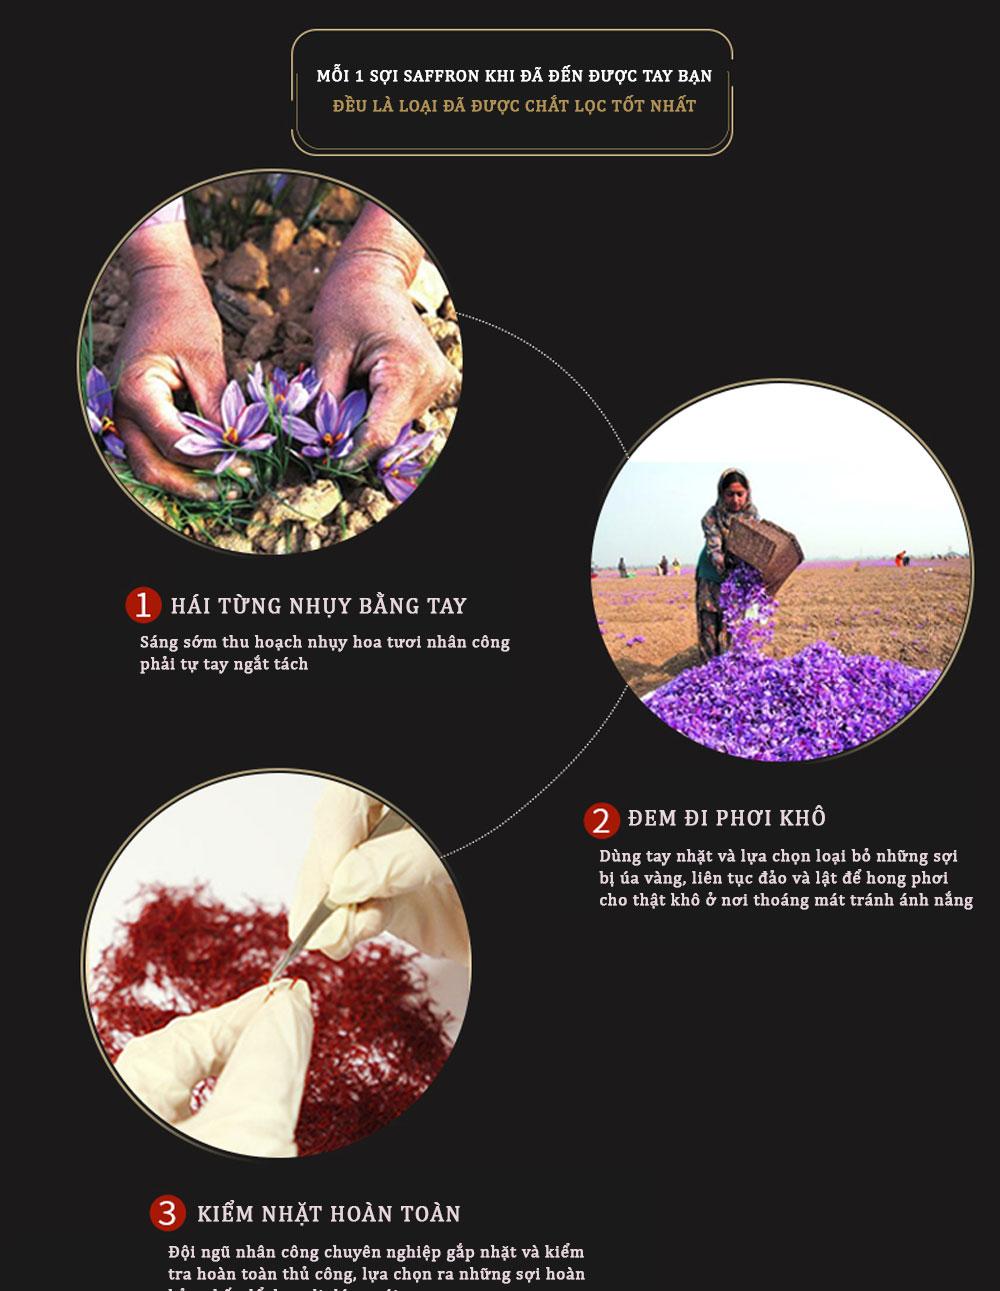 ad nhụy hoa nghệ tây 9